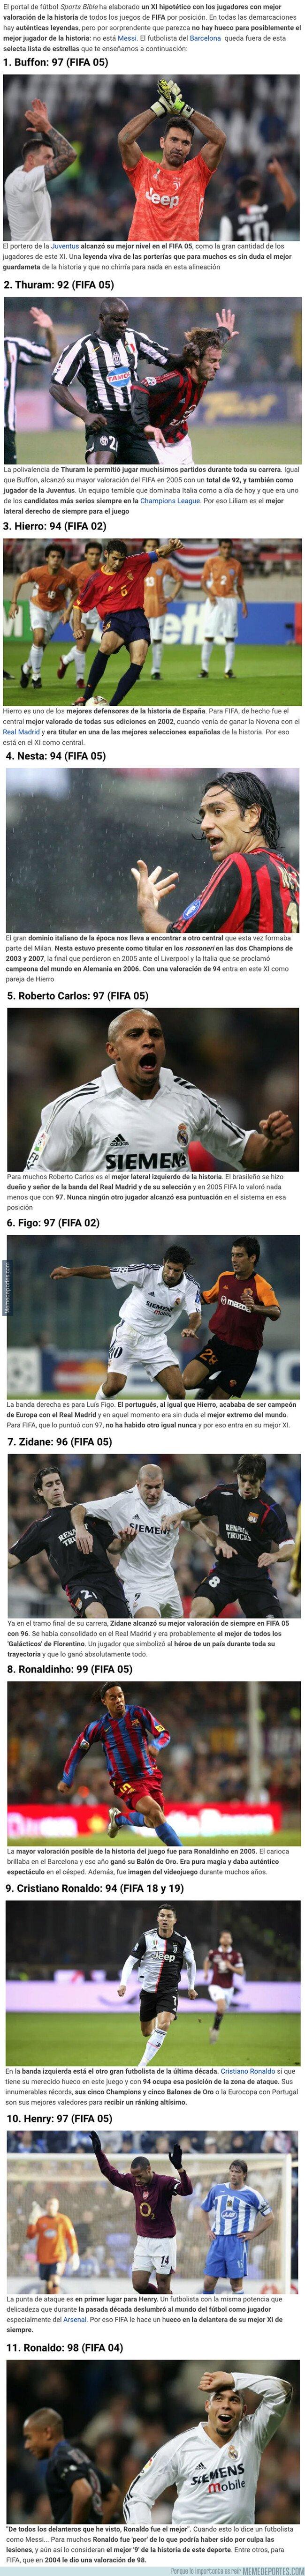 1090024 - Polémica: Leo Messi queda fuera del XI ideal de la historia del FIFA